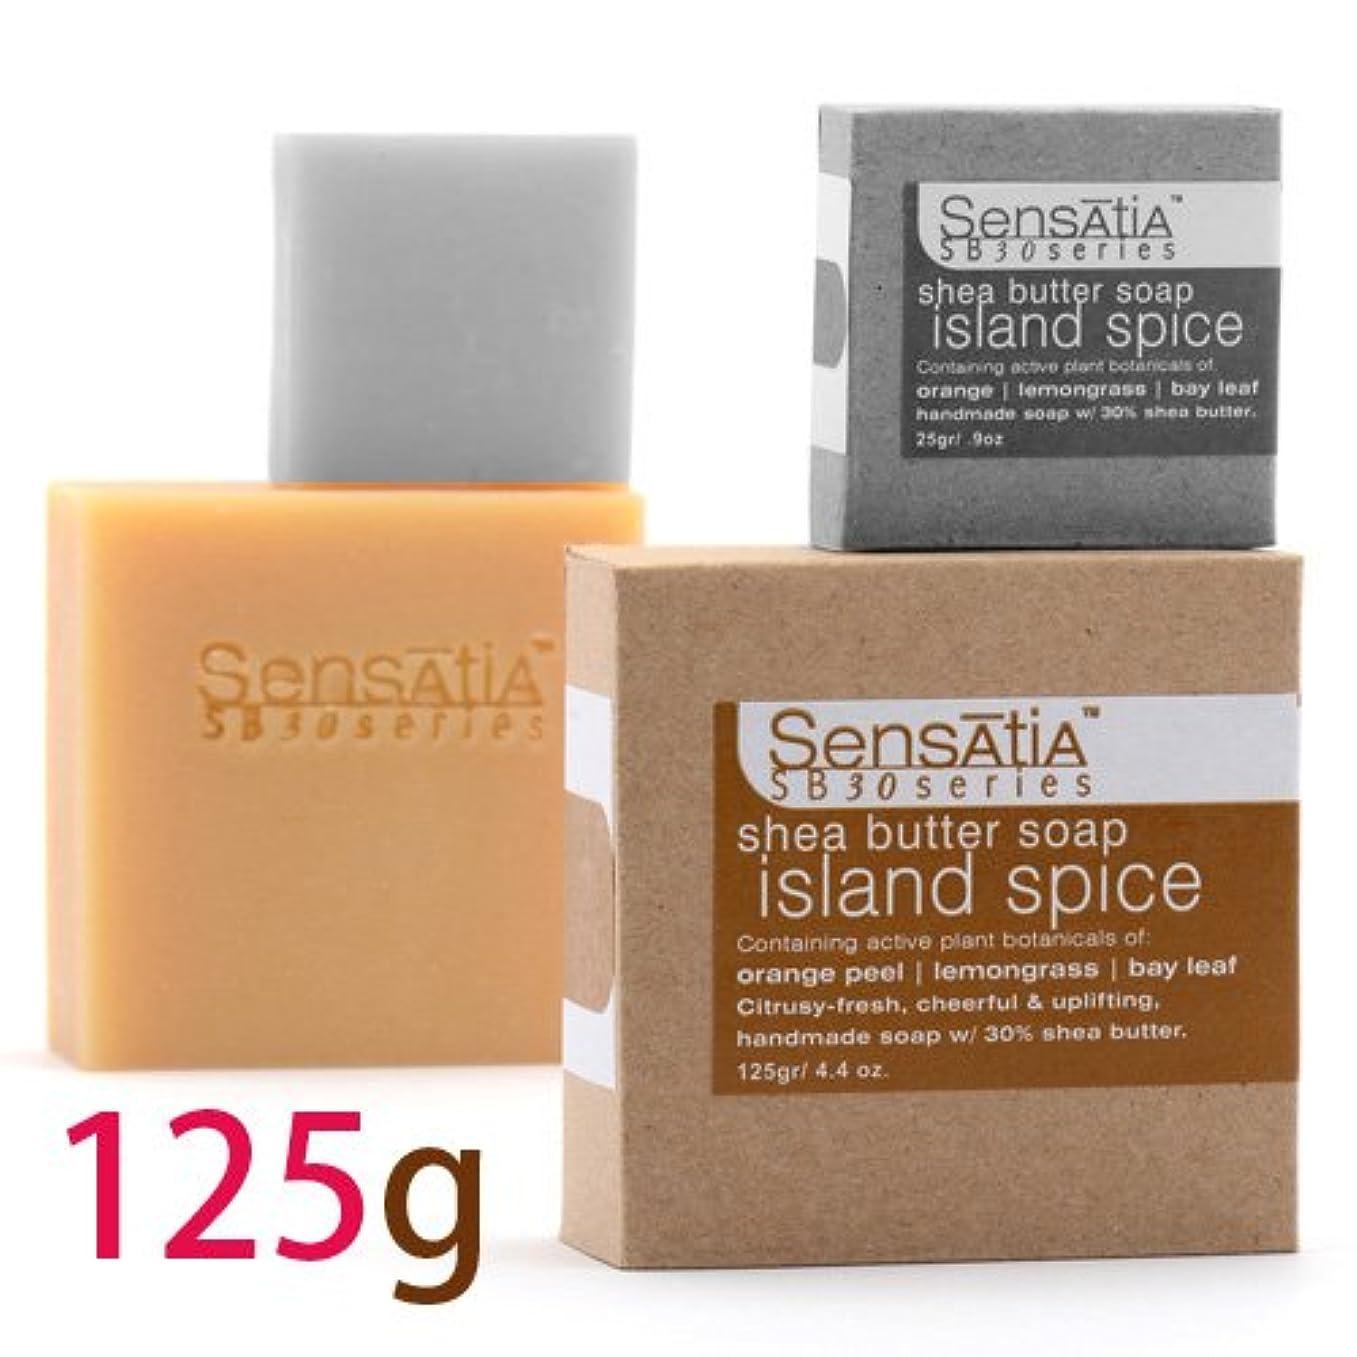 複合ほうき硫黄Sensatia(センセイシャ) シアバターソープ(SB30) アイランドスパイス 125g